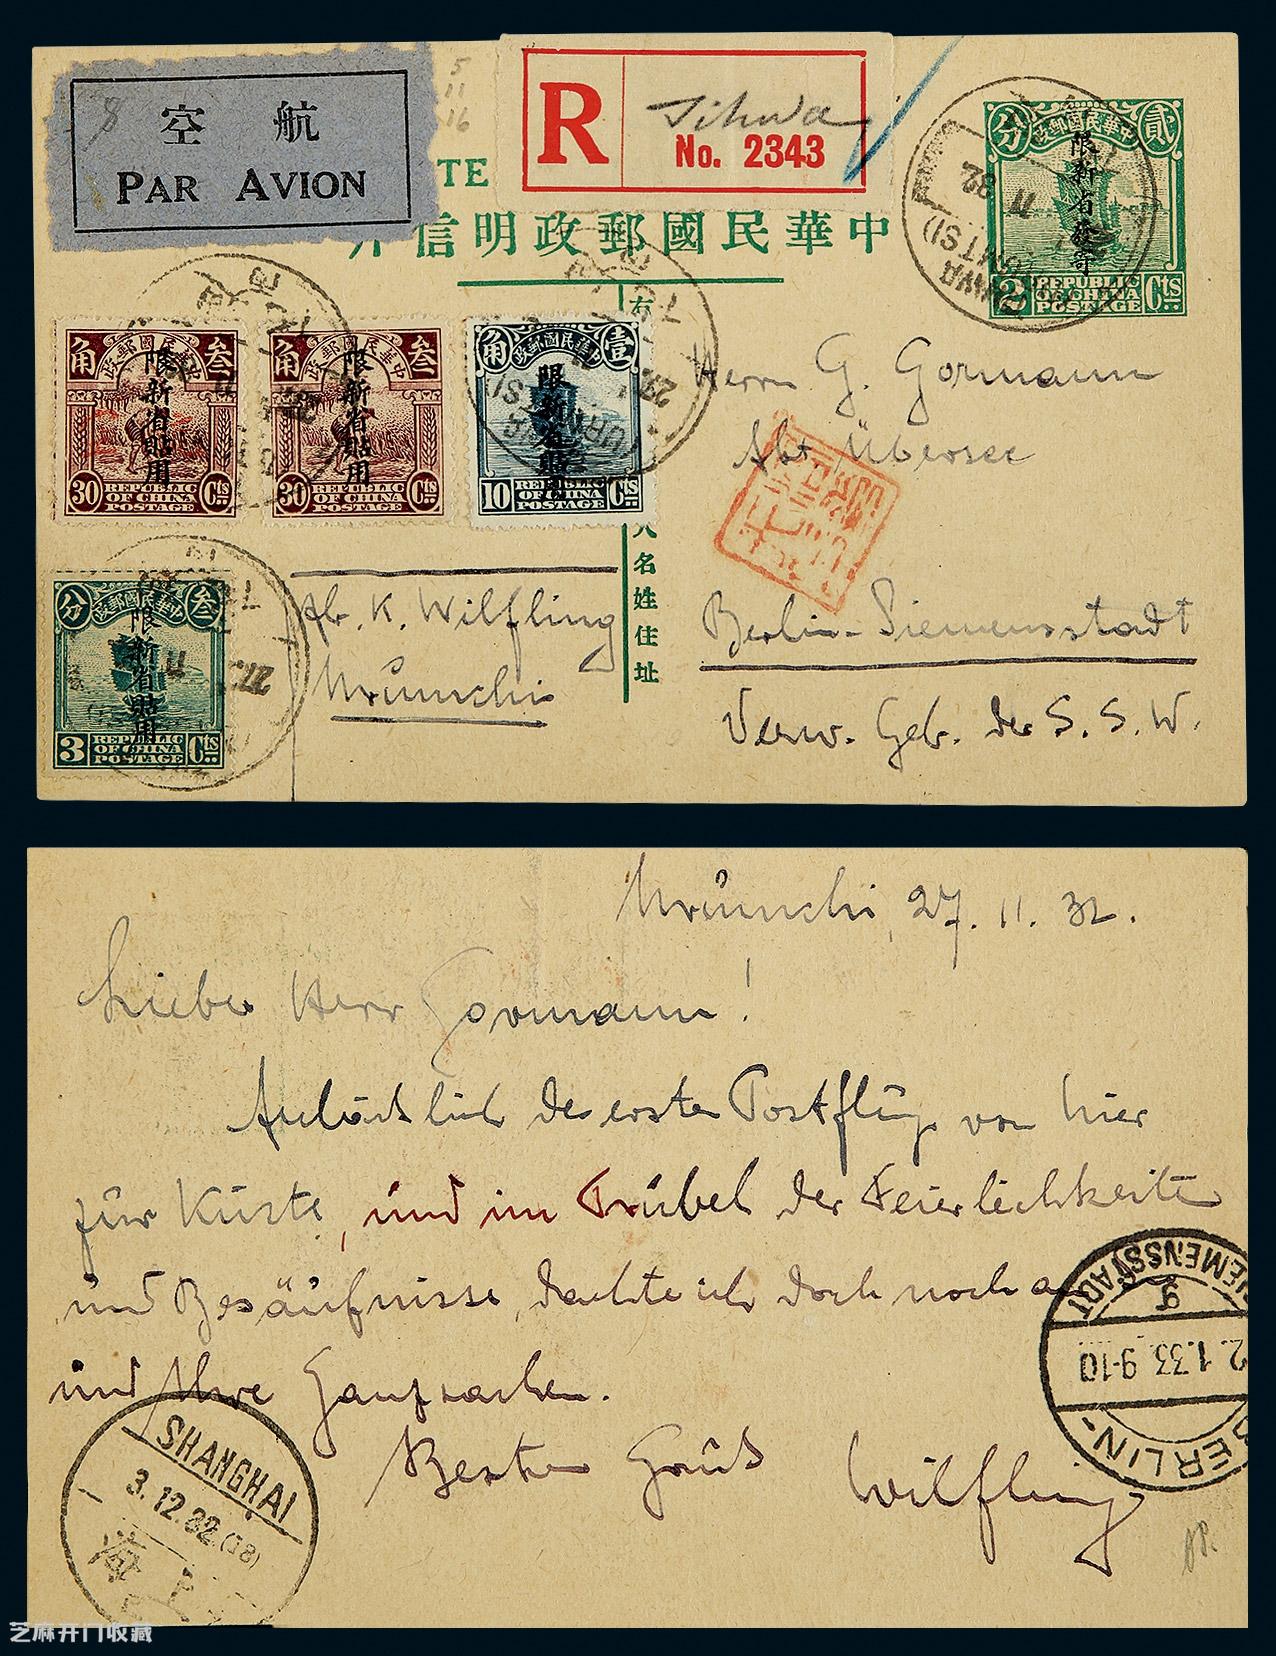 使用过的邮票有收藏价值吗